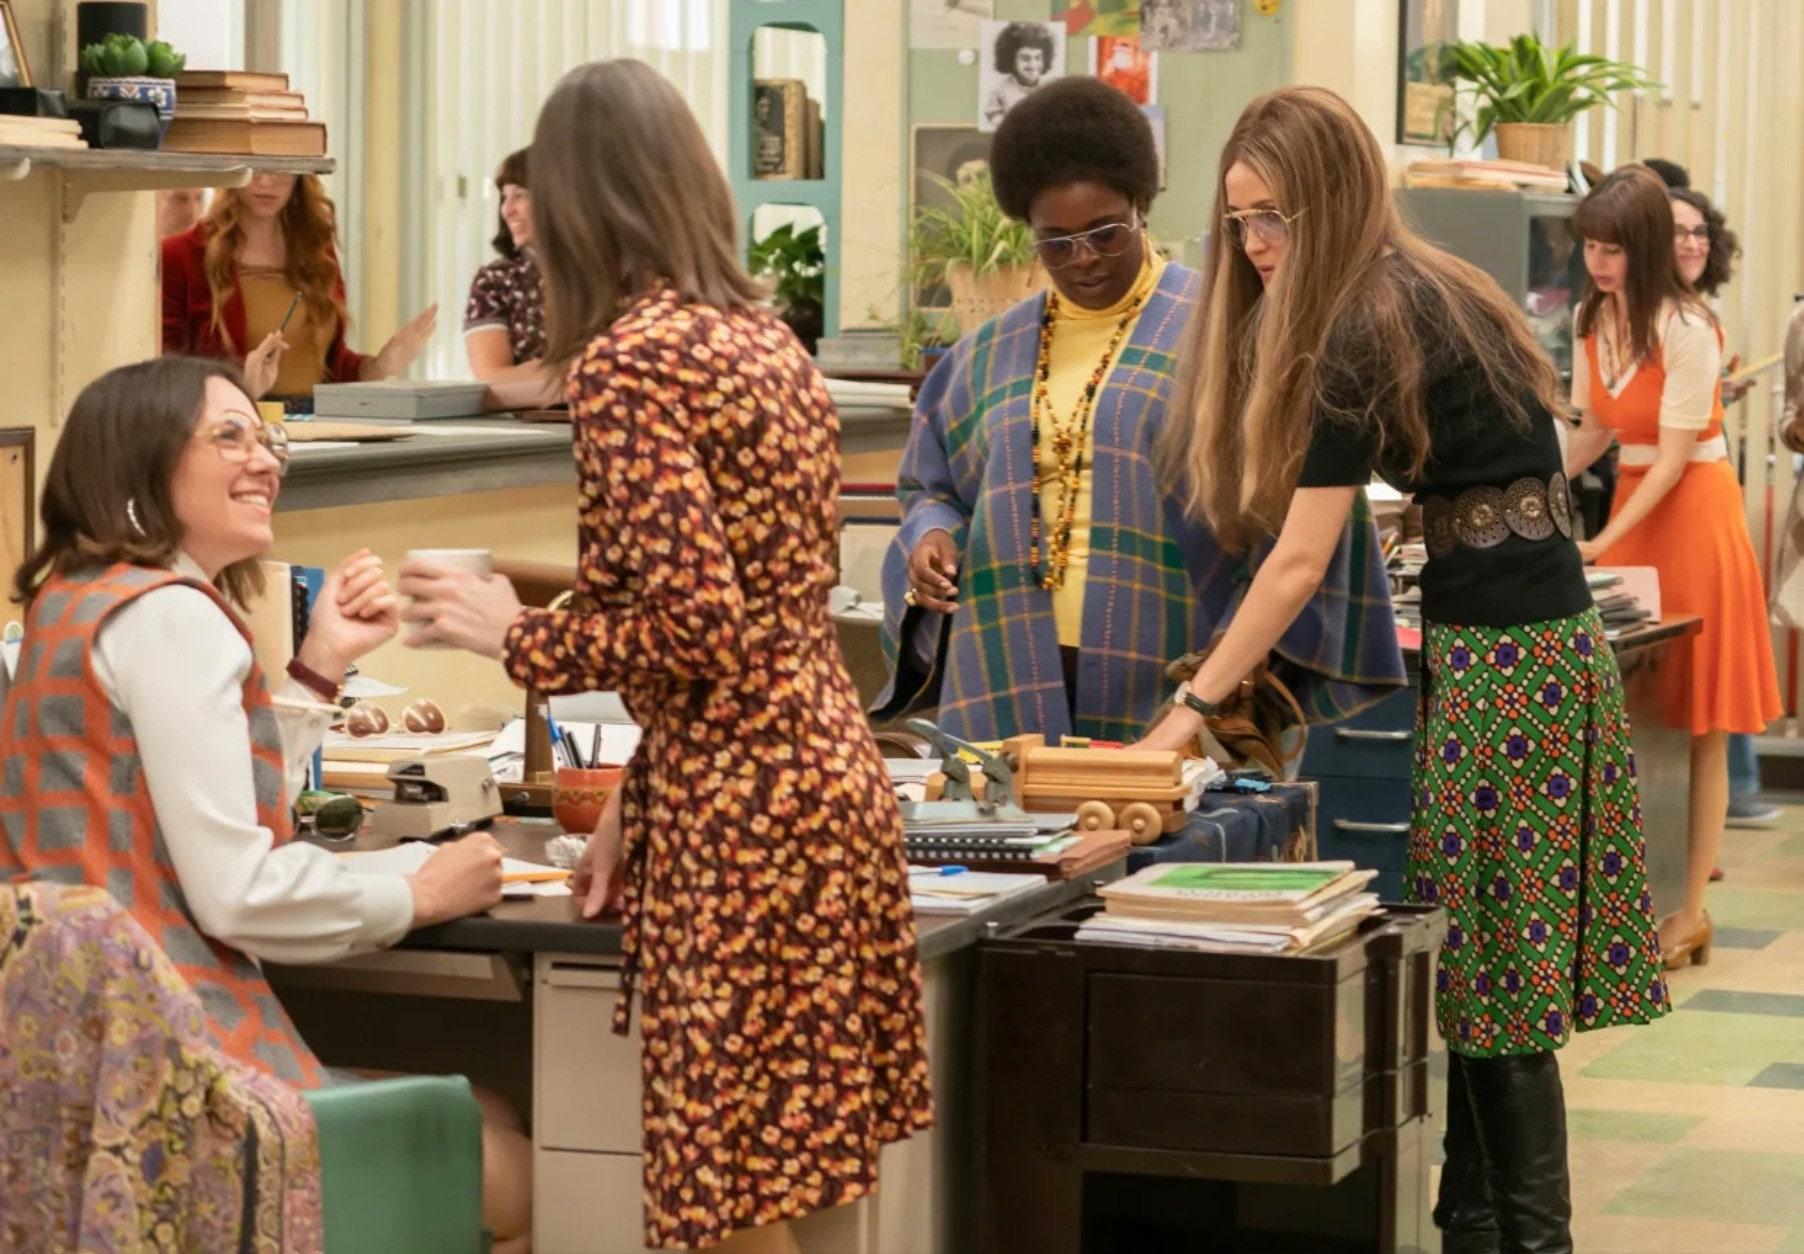 Cena da série com algumas mulheres interagindo entre si, provavelmente num encontro relacionado ao feminismo.